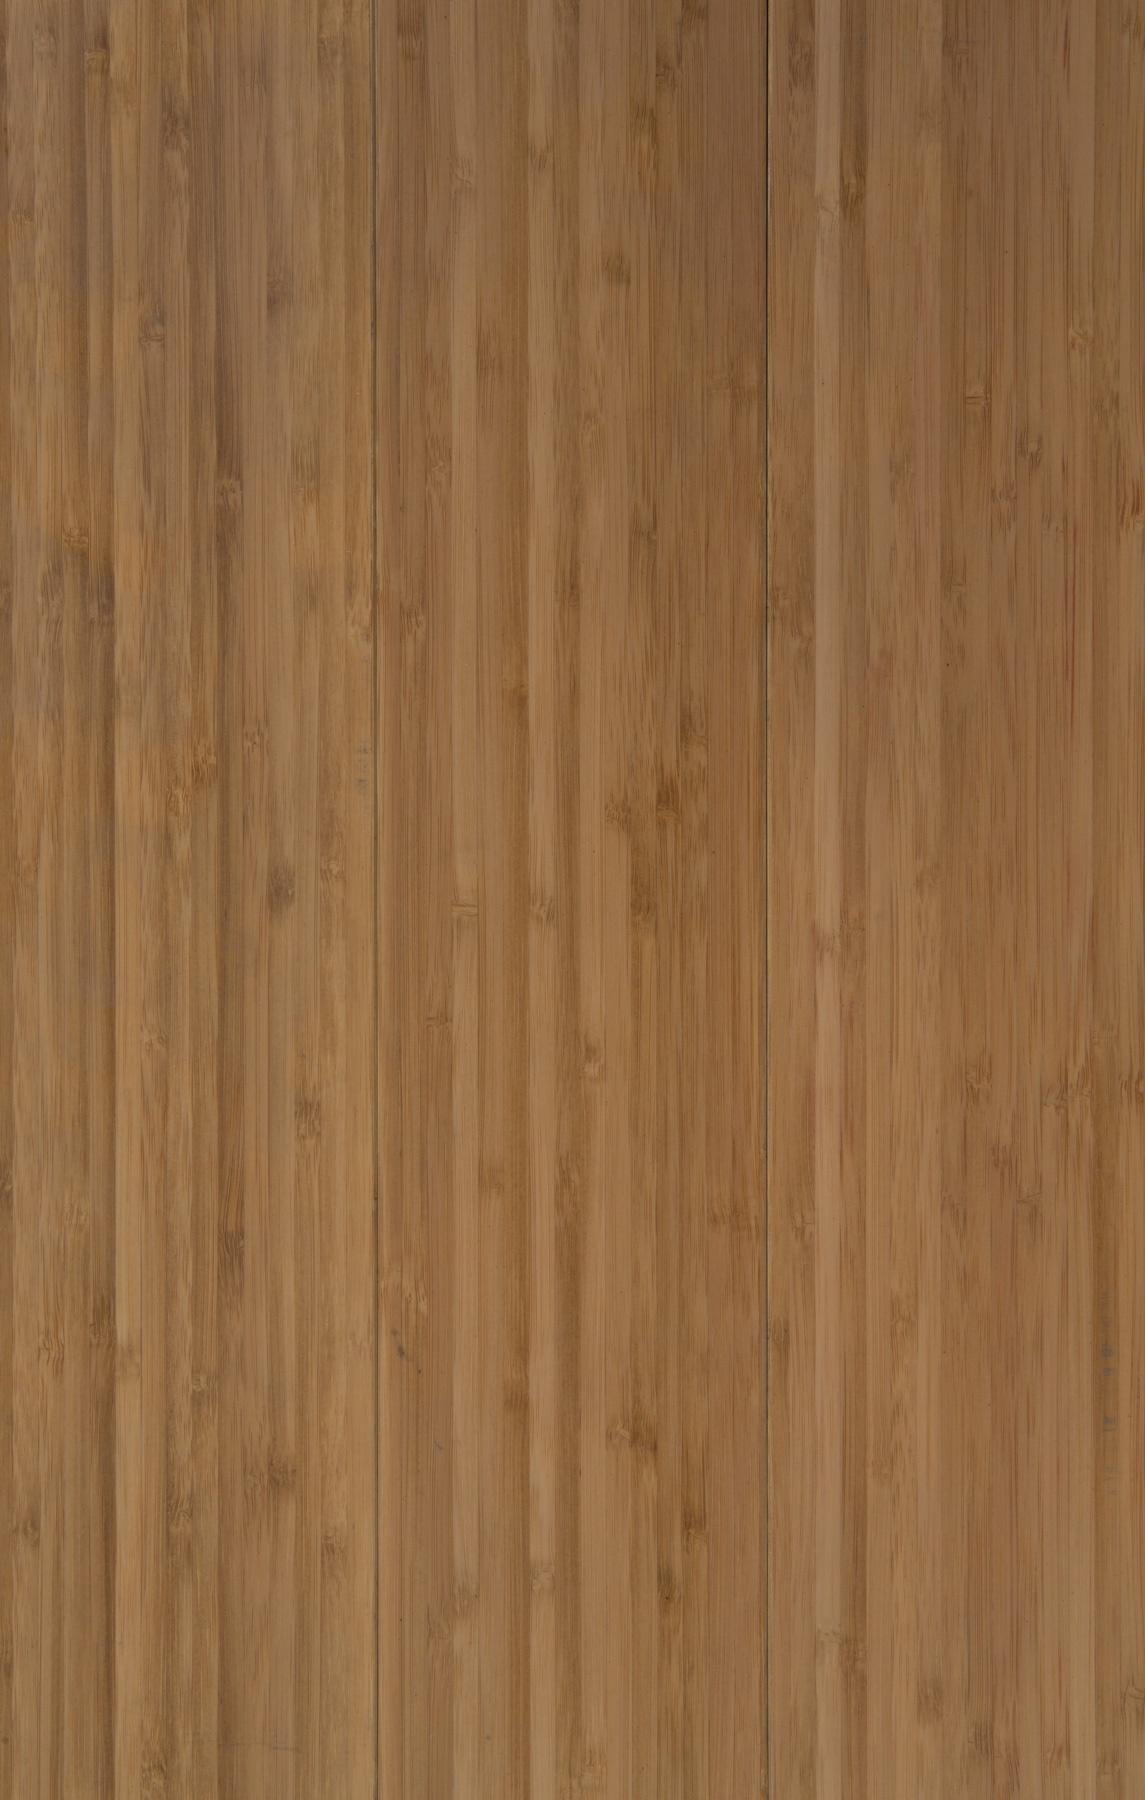 maderas-terramont-bamboo-carbonizado-vertical-obscuro